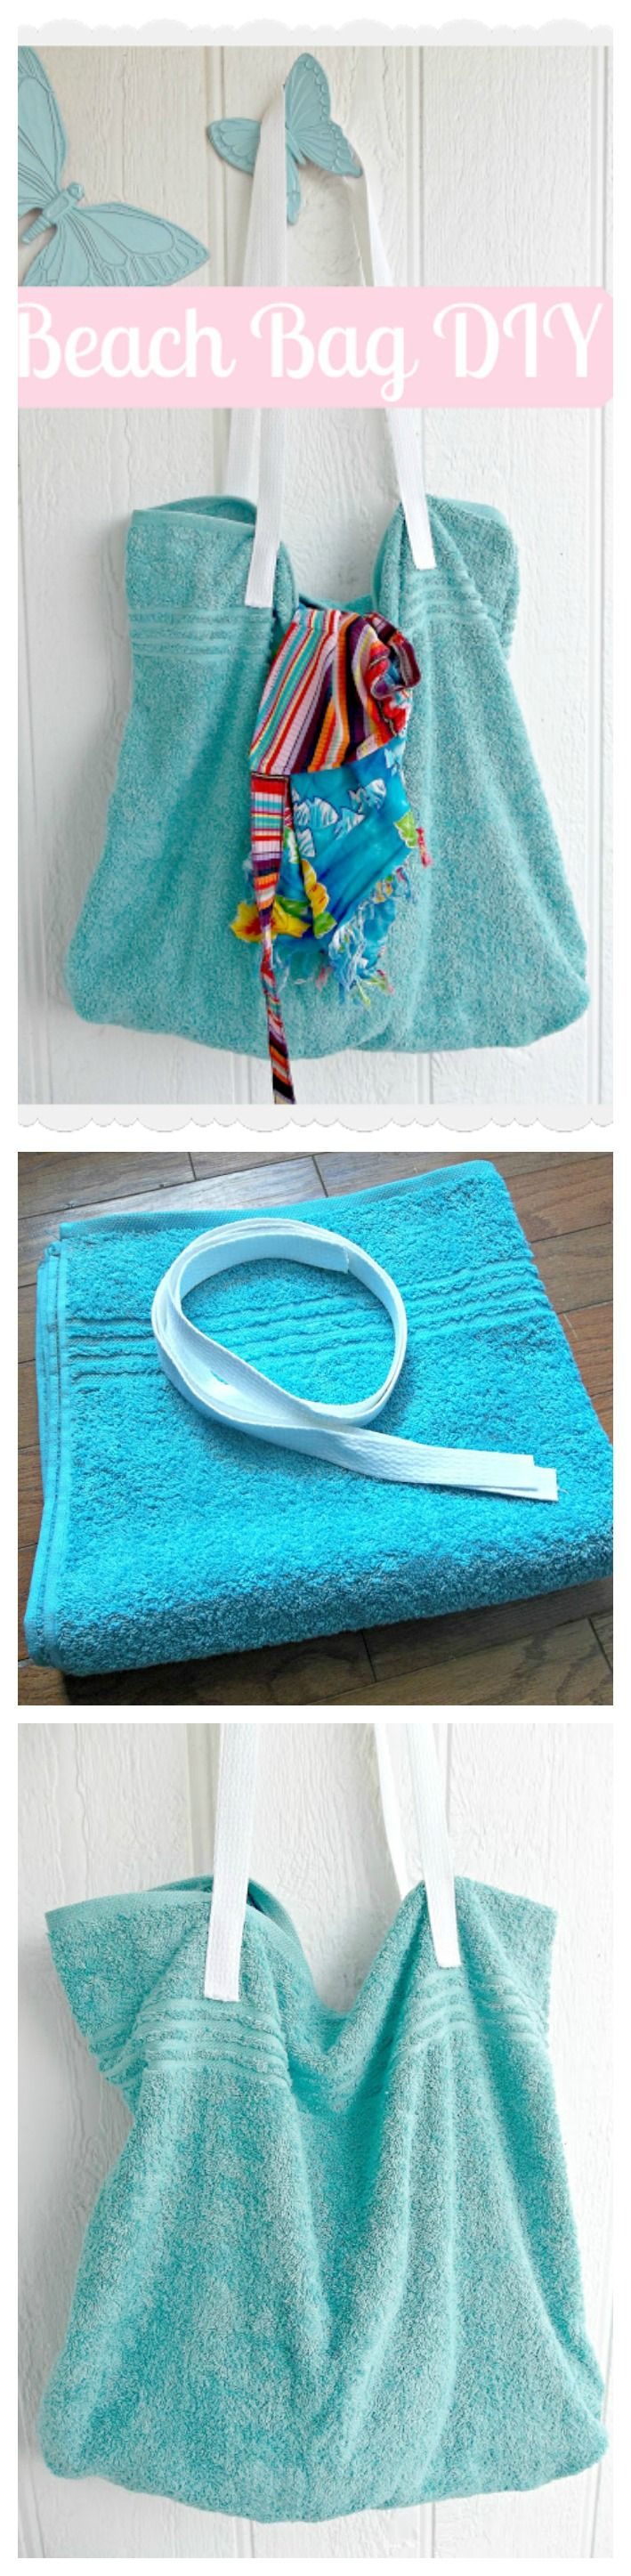 DIY Una genial bolsa playera para este verano!! Ahora ya sabes qué hacer con esa toalla de playa que se quedó anticuada o que ya no usas...